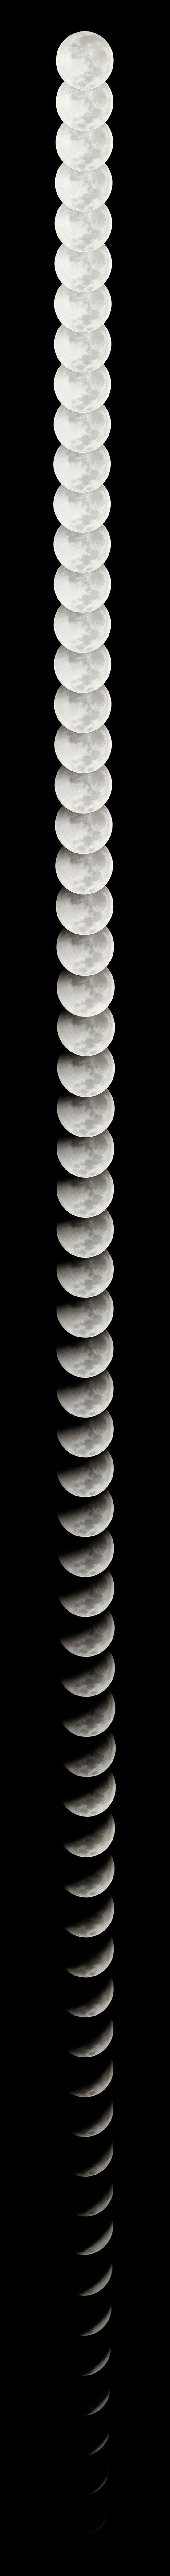 <3 / Lunar Eclipse 2010, via Daily Dose of Imagery